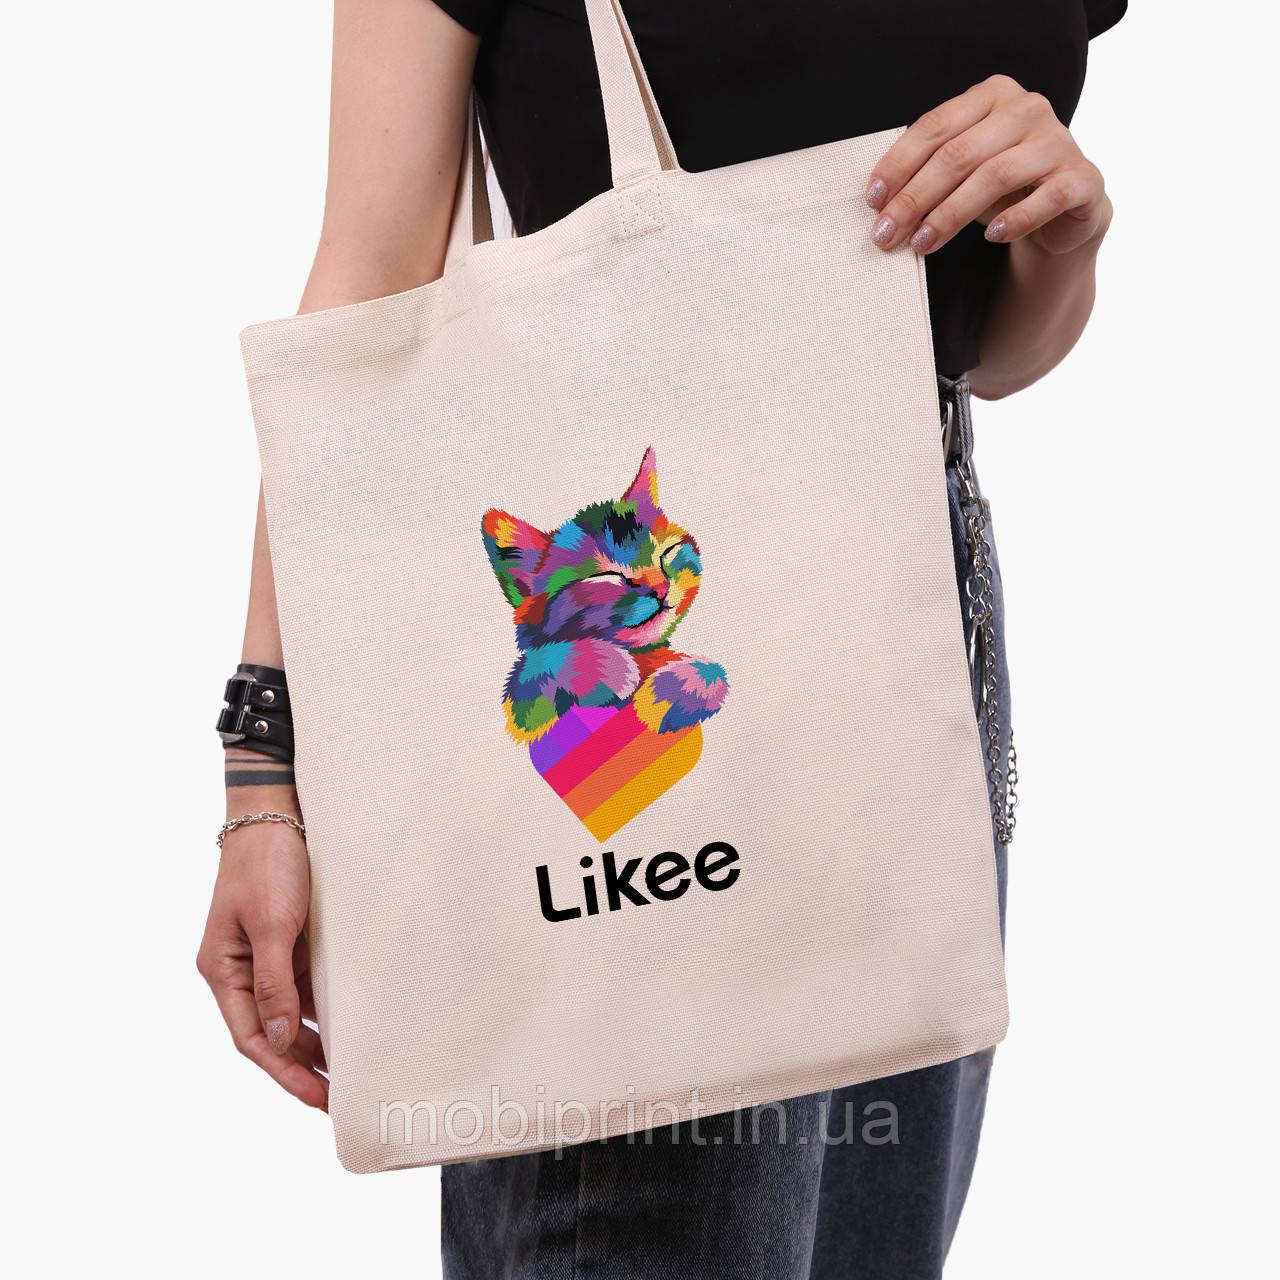 Эко сумка шоппер Лайк (Likee) (9227-1040)  экосумка шопер 41*35 см